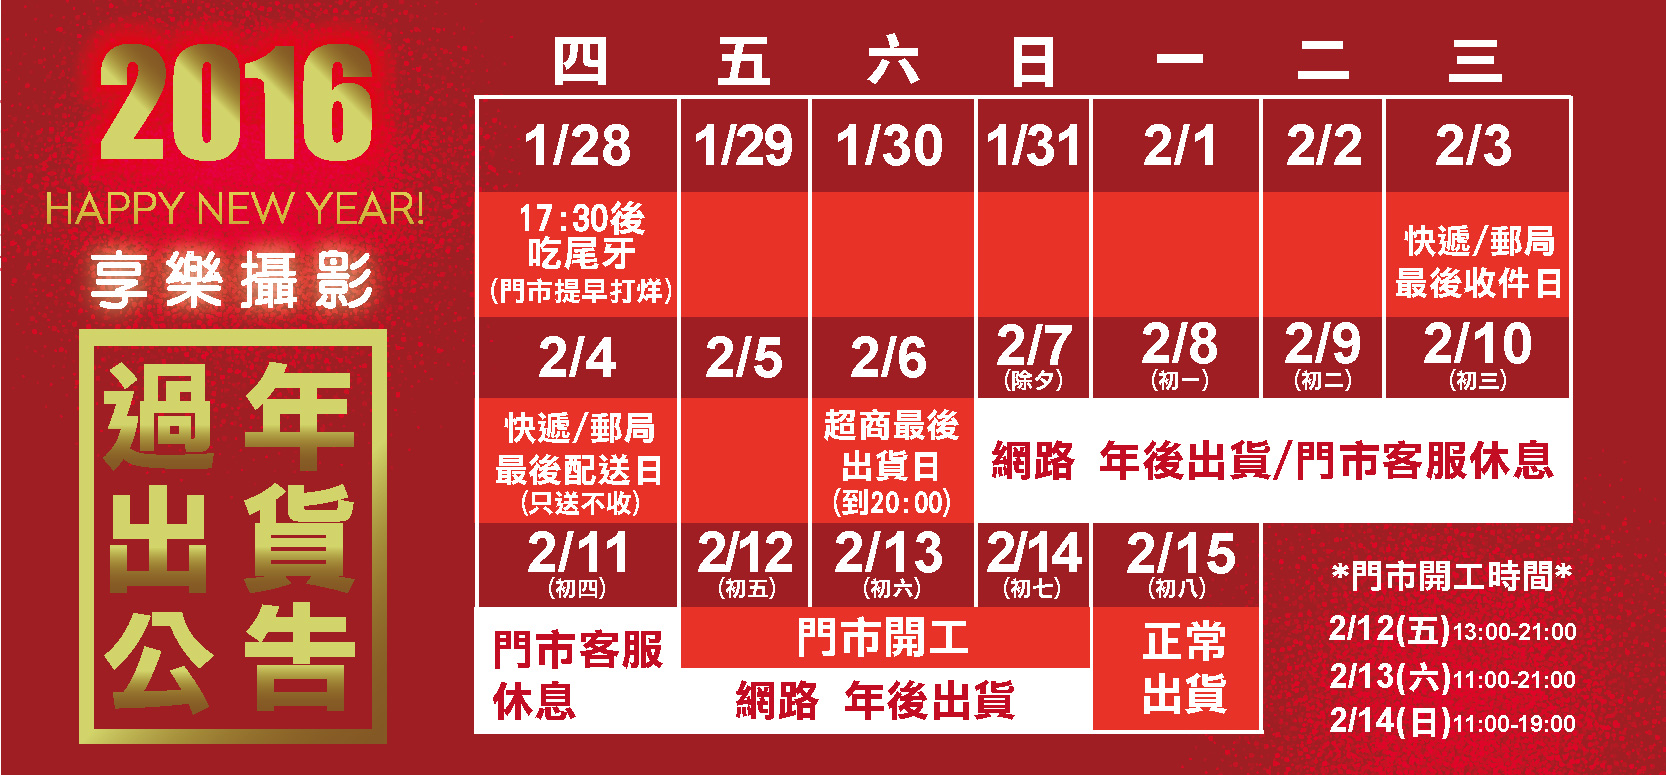 【公告】2016過年期間出貨/門市營業時間調整公告